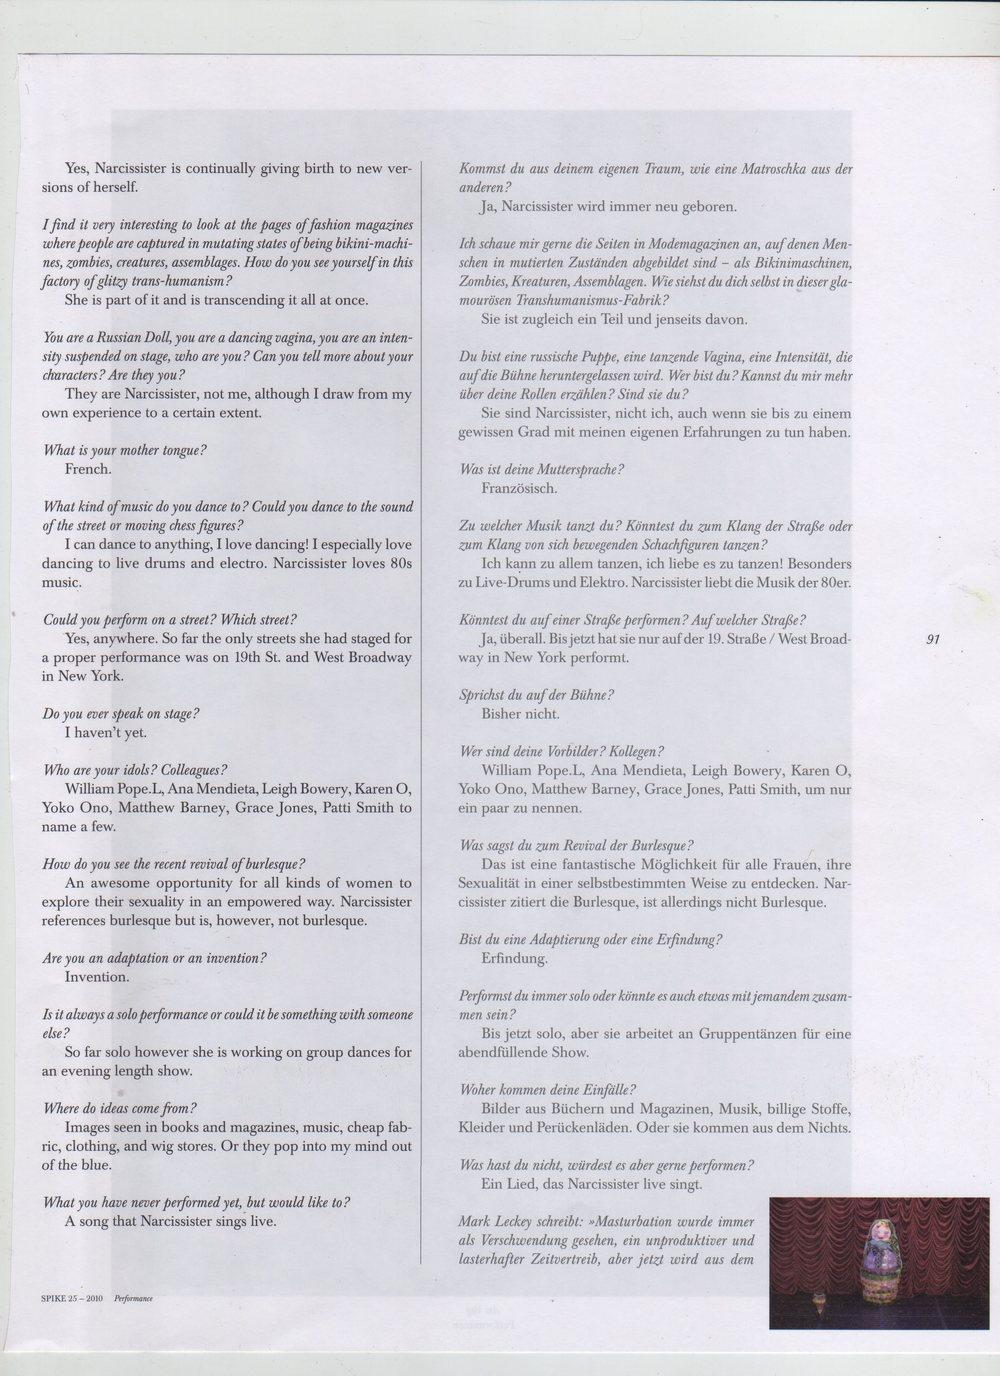 2010_SpikeMagazine_Malasauskas_Page_2.jpg